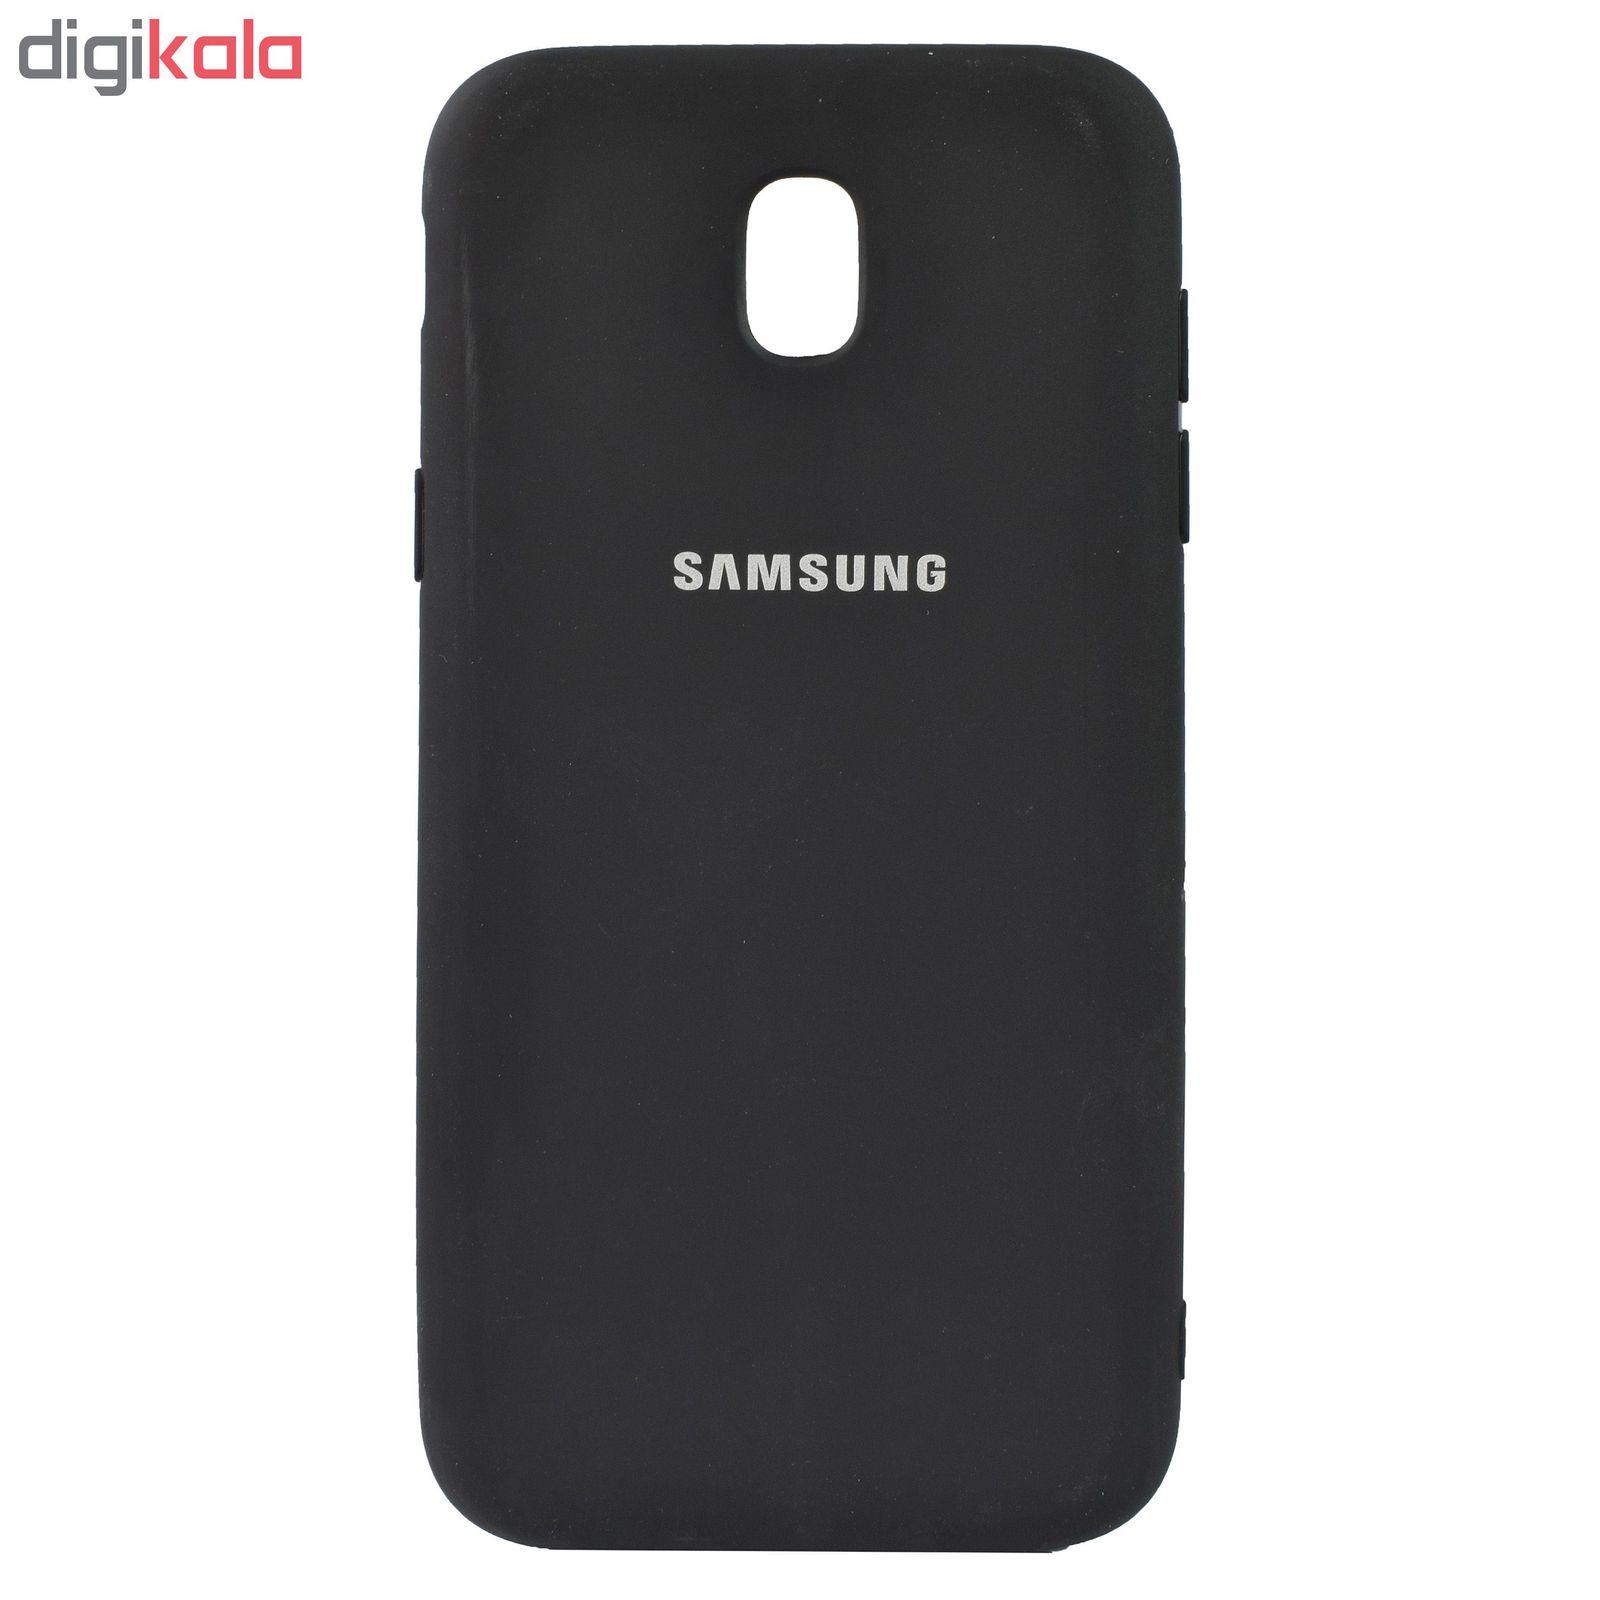 کاور مدل SC20 مناسب برای گوشی موبایل سامسونگ Galaxy J7 Pro / J730 main 1 4